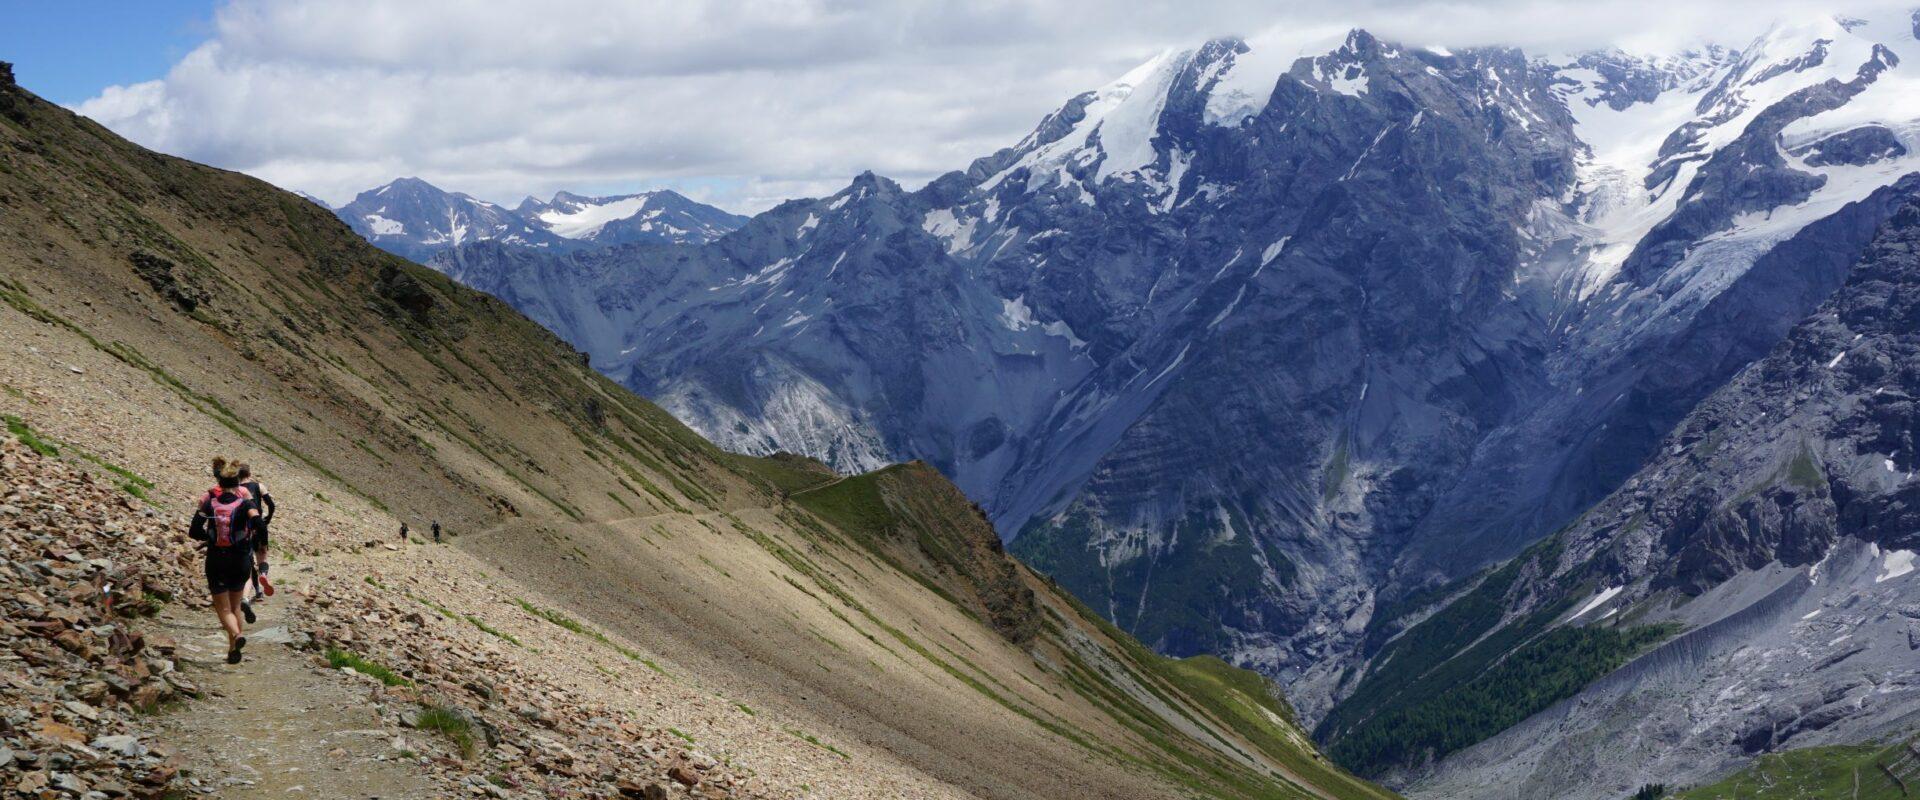 Trailrunning Camps für Einsteiger bis Profis